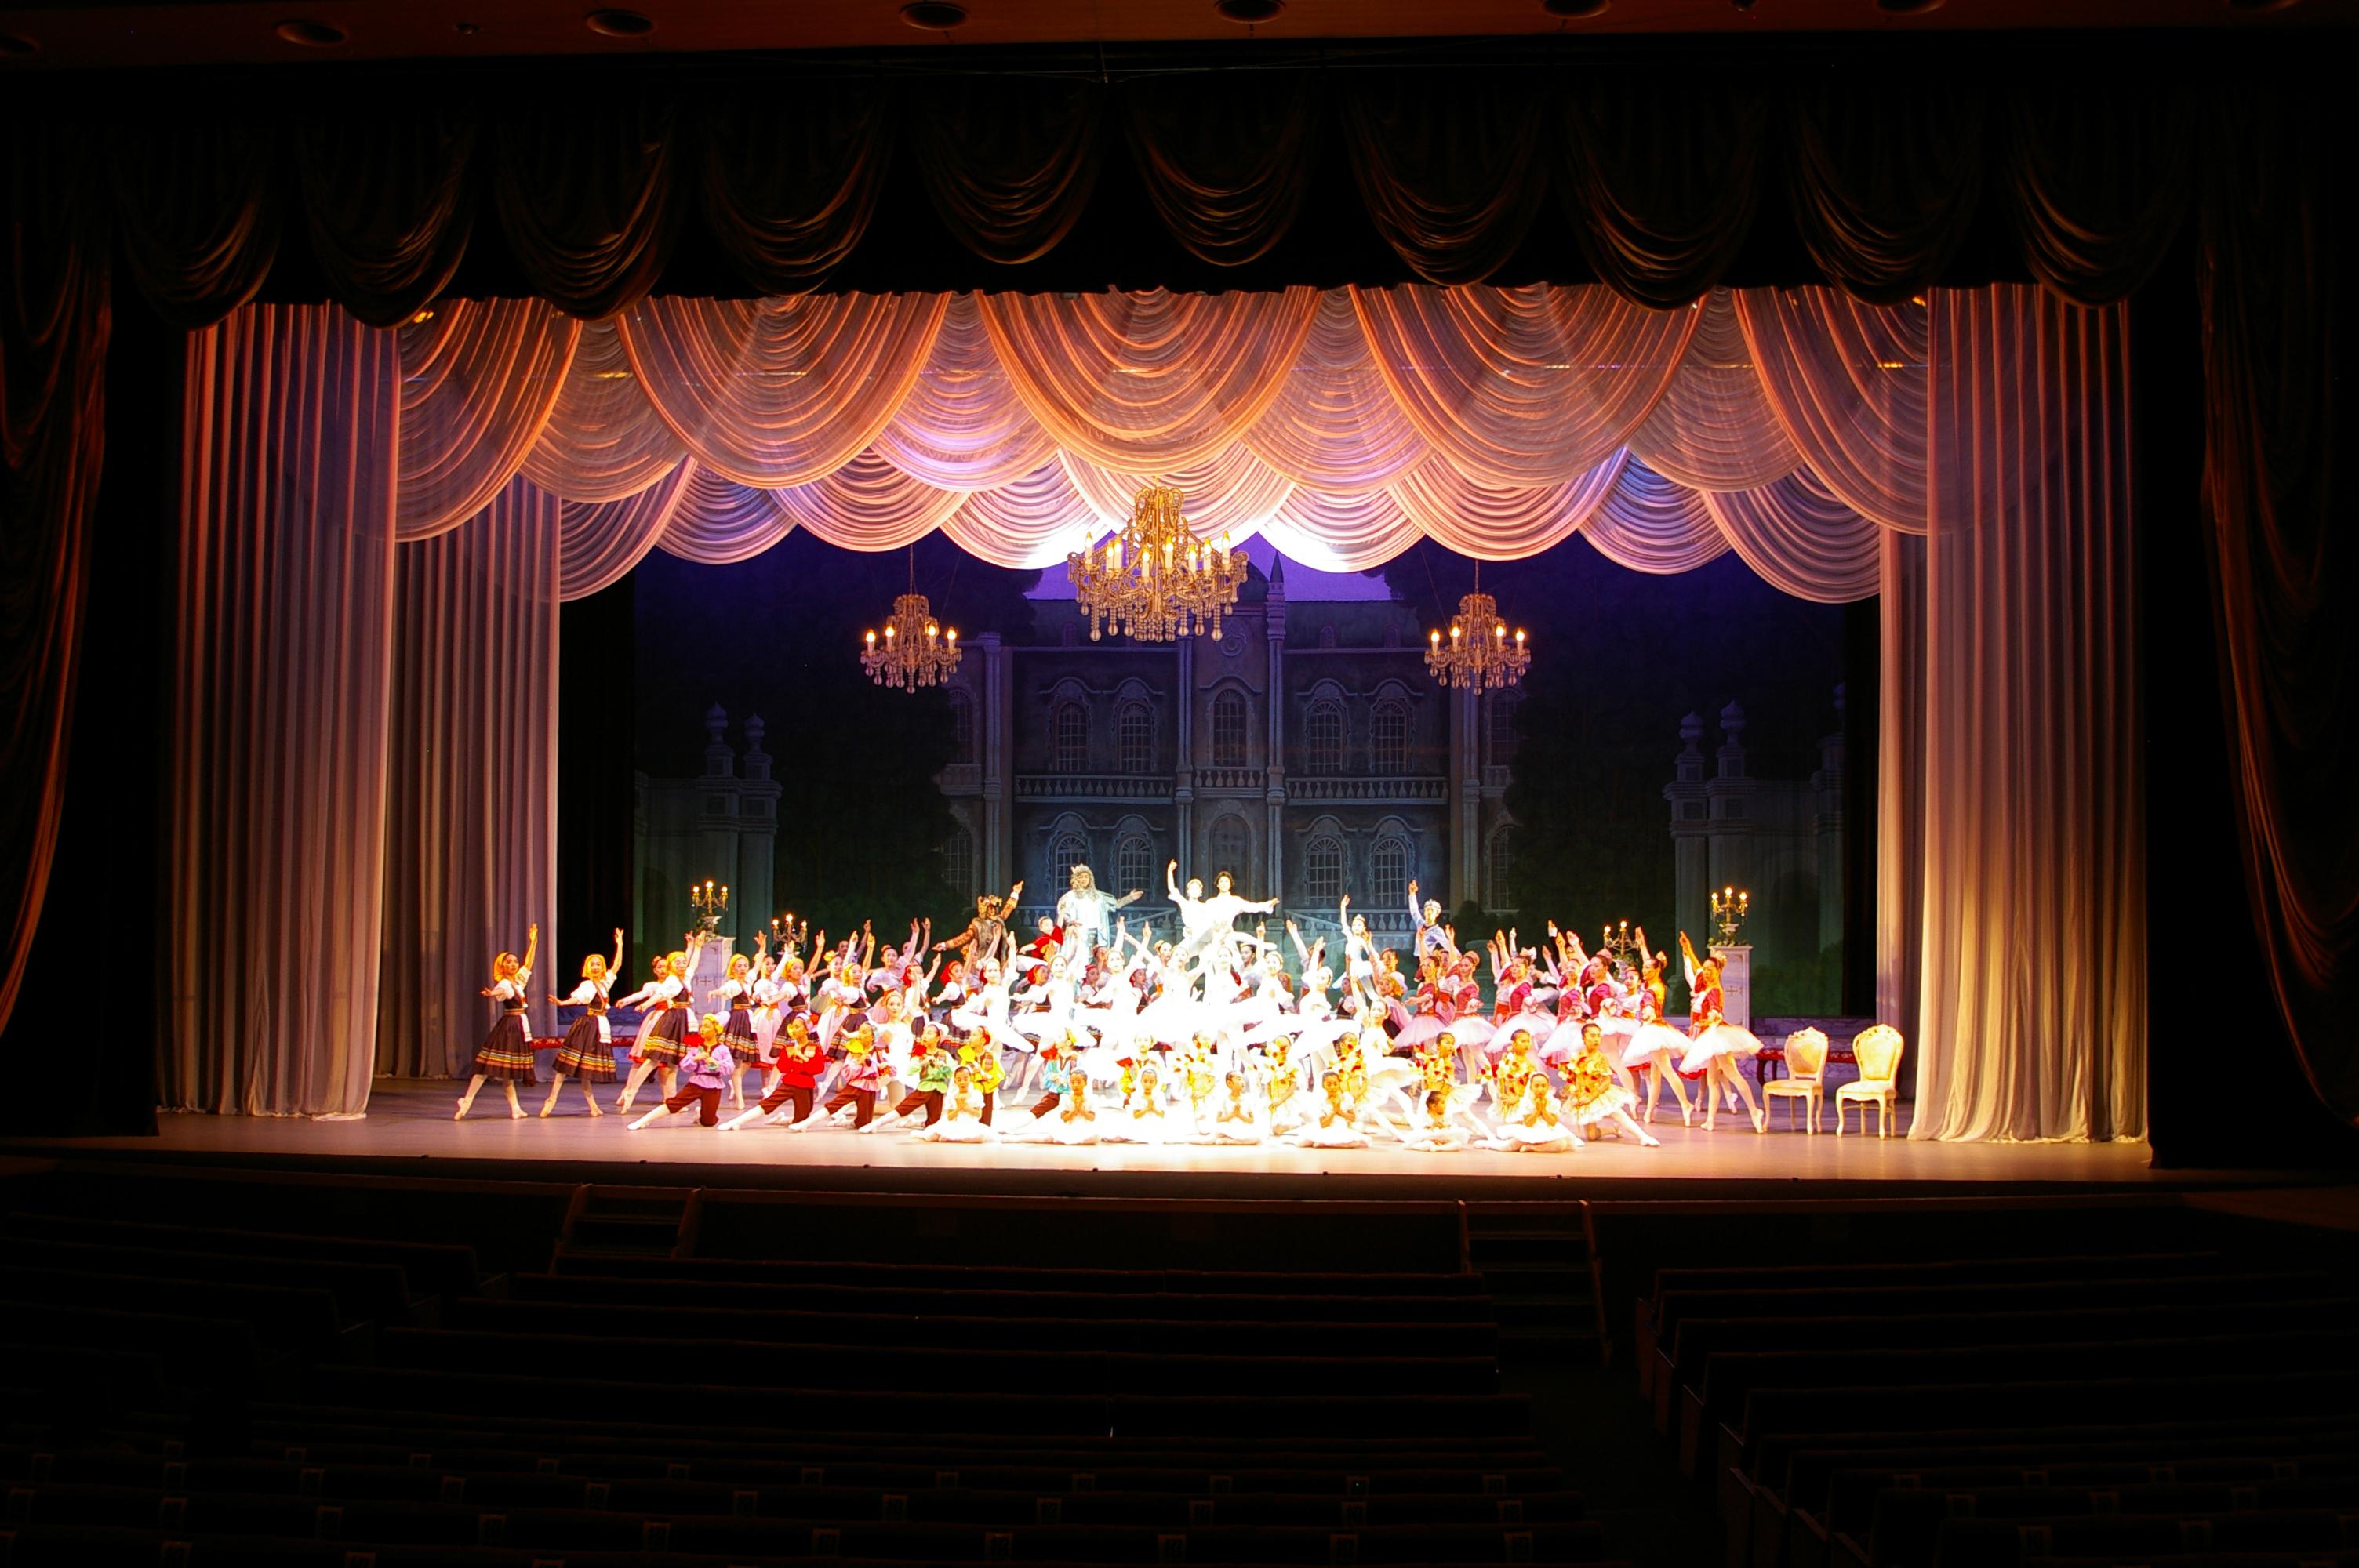 バレエスタジオ22夏季講演「眠りの森の美女」舞台美術